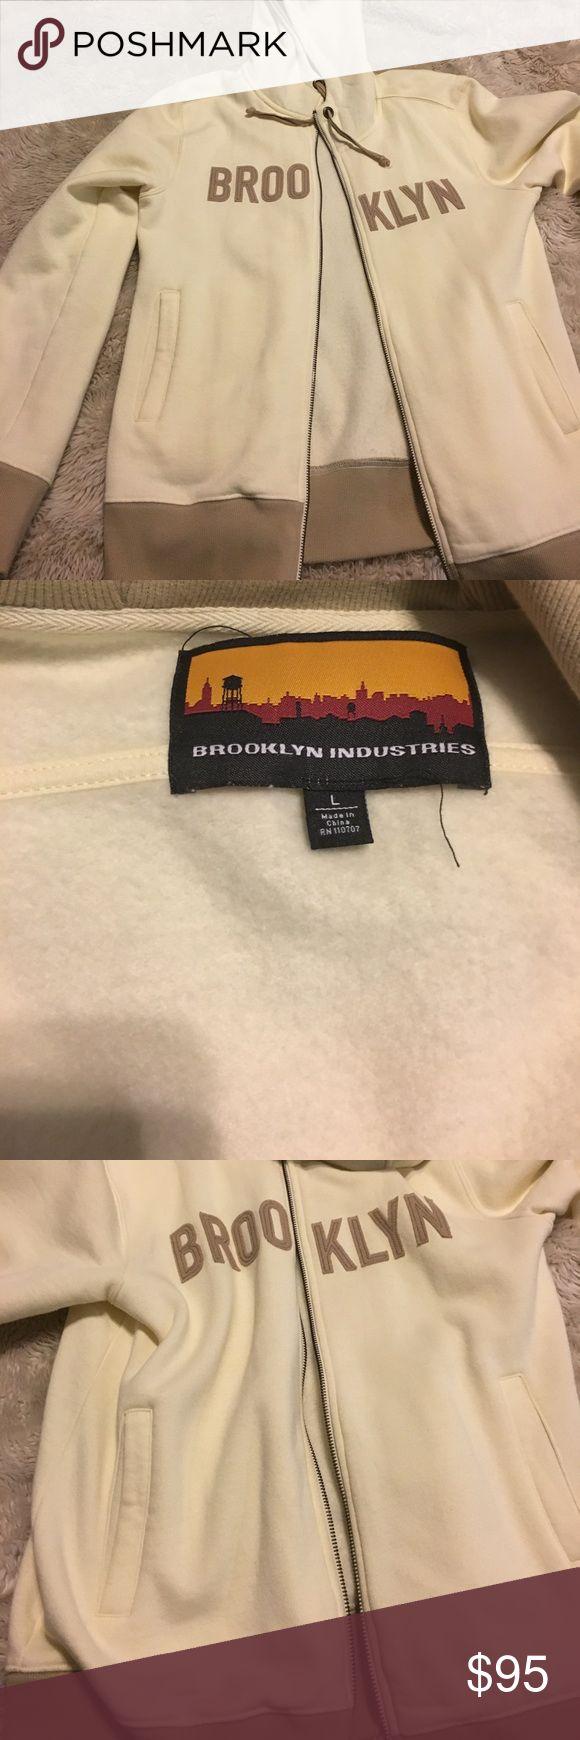 Brooklyn industries hoodie Beige and gold trim zip up hoodie brooklyn industries Jackets & Coats